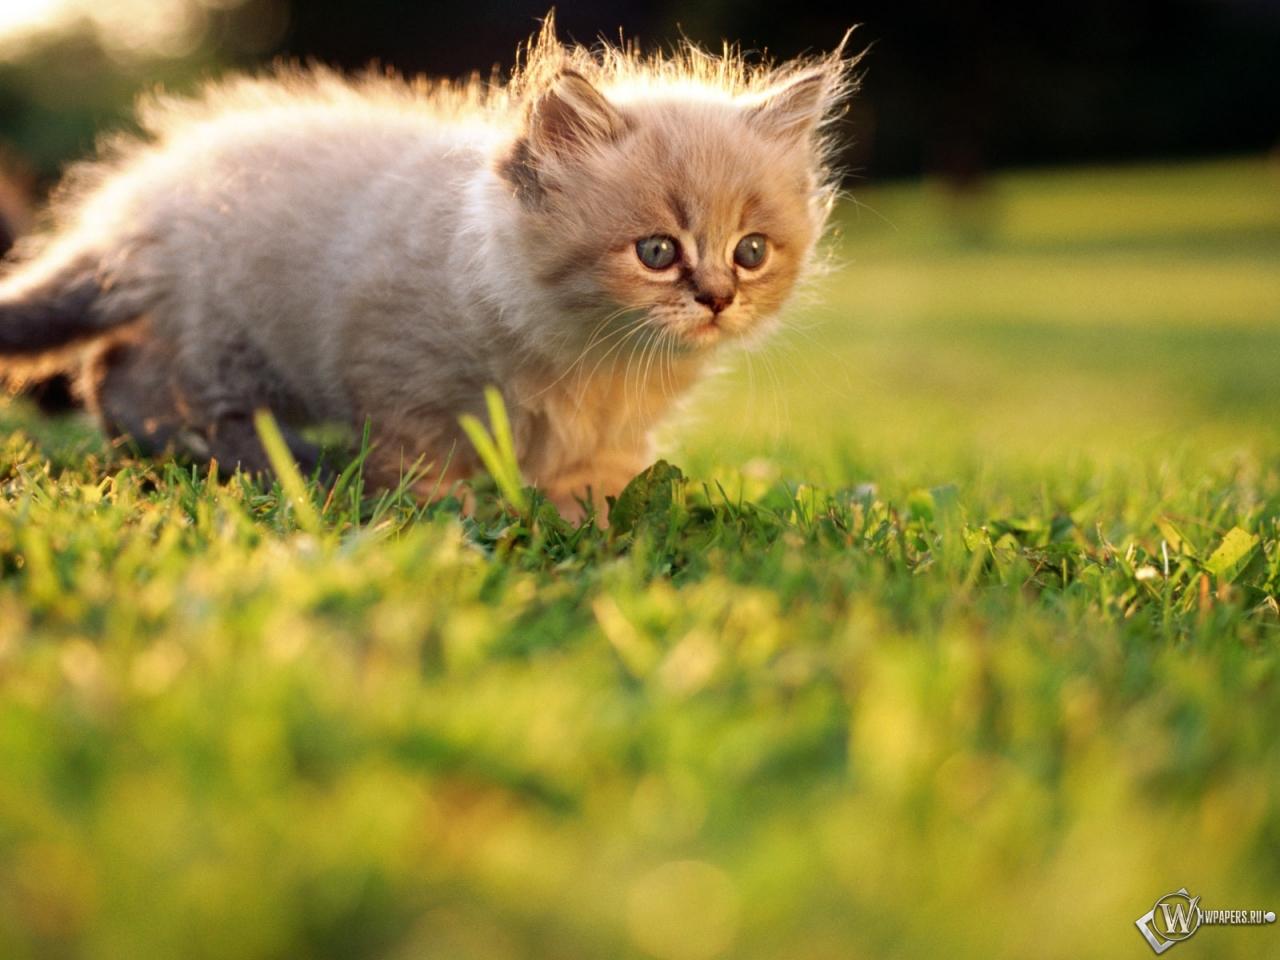 Котёнок на прогулке 1280x960